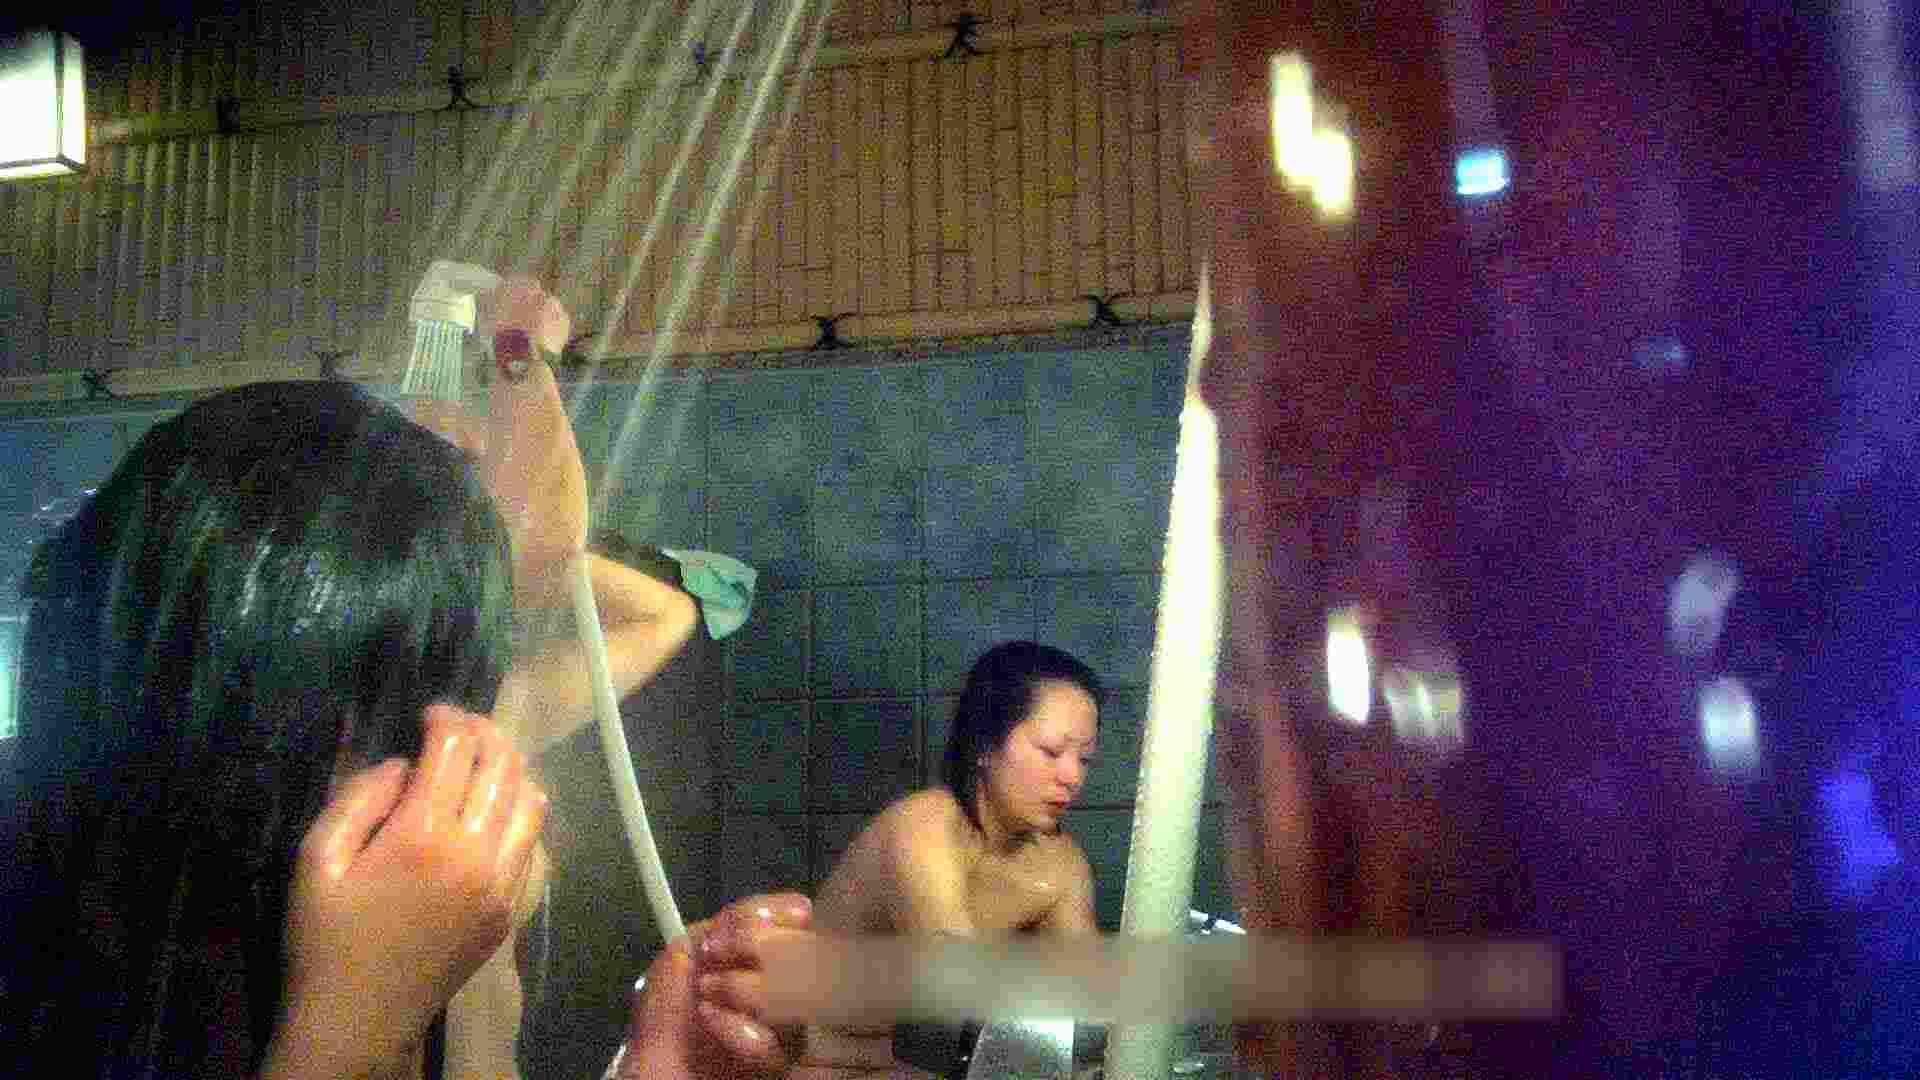 TG.12 【上等兵】いやぁ若い!ぷっちぷちギャル!でも時間短い・・・ 女風呂 おめこ無修正画像 106枚 77